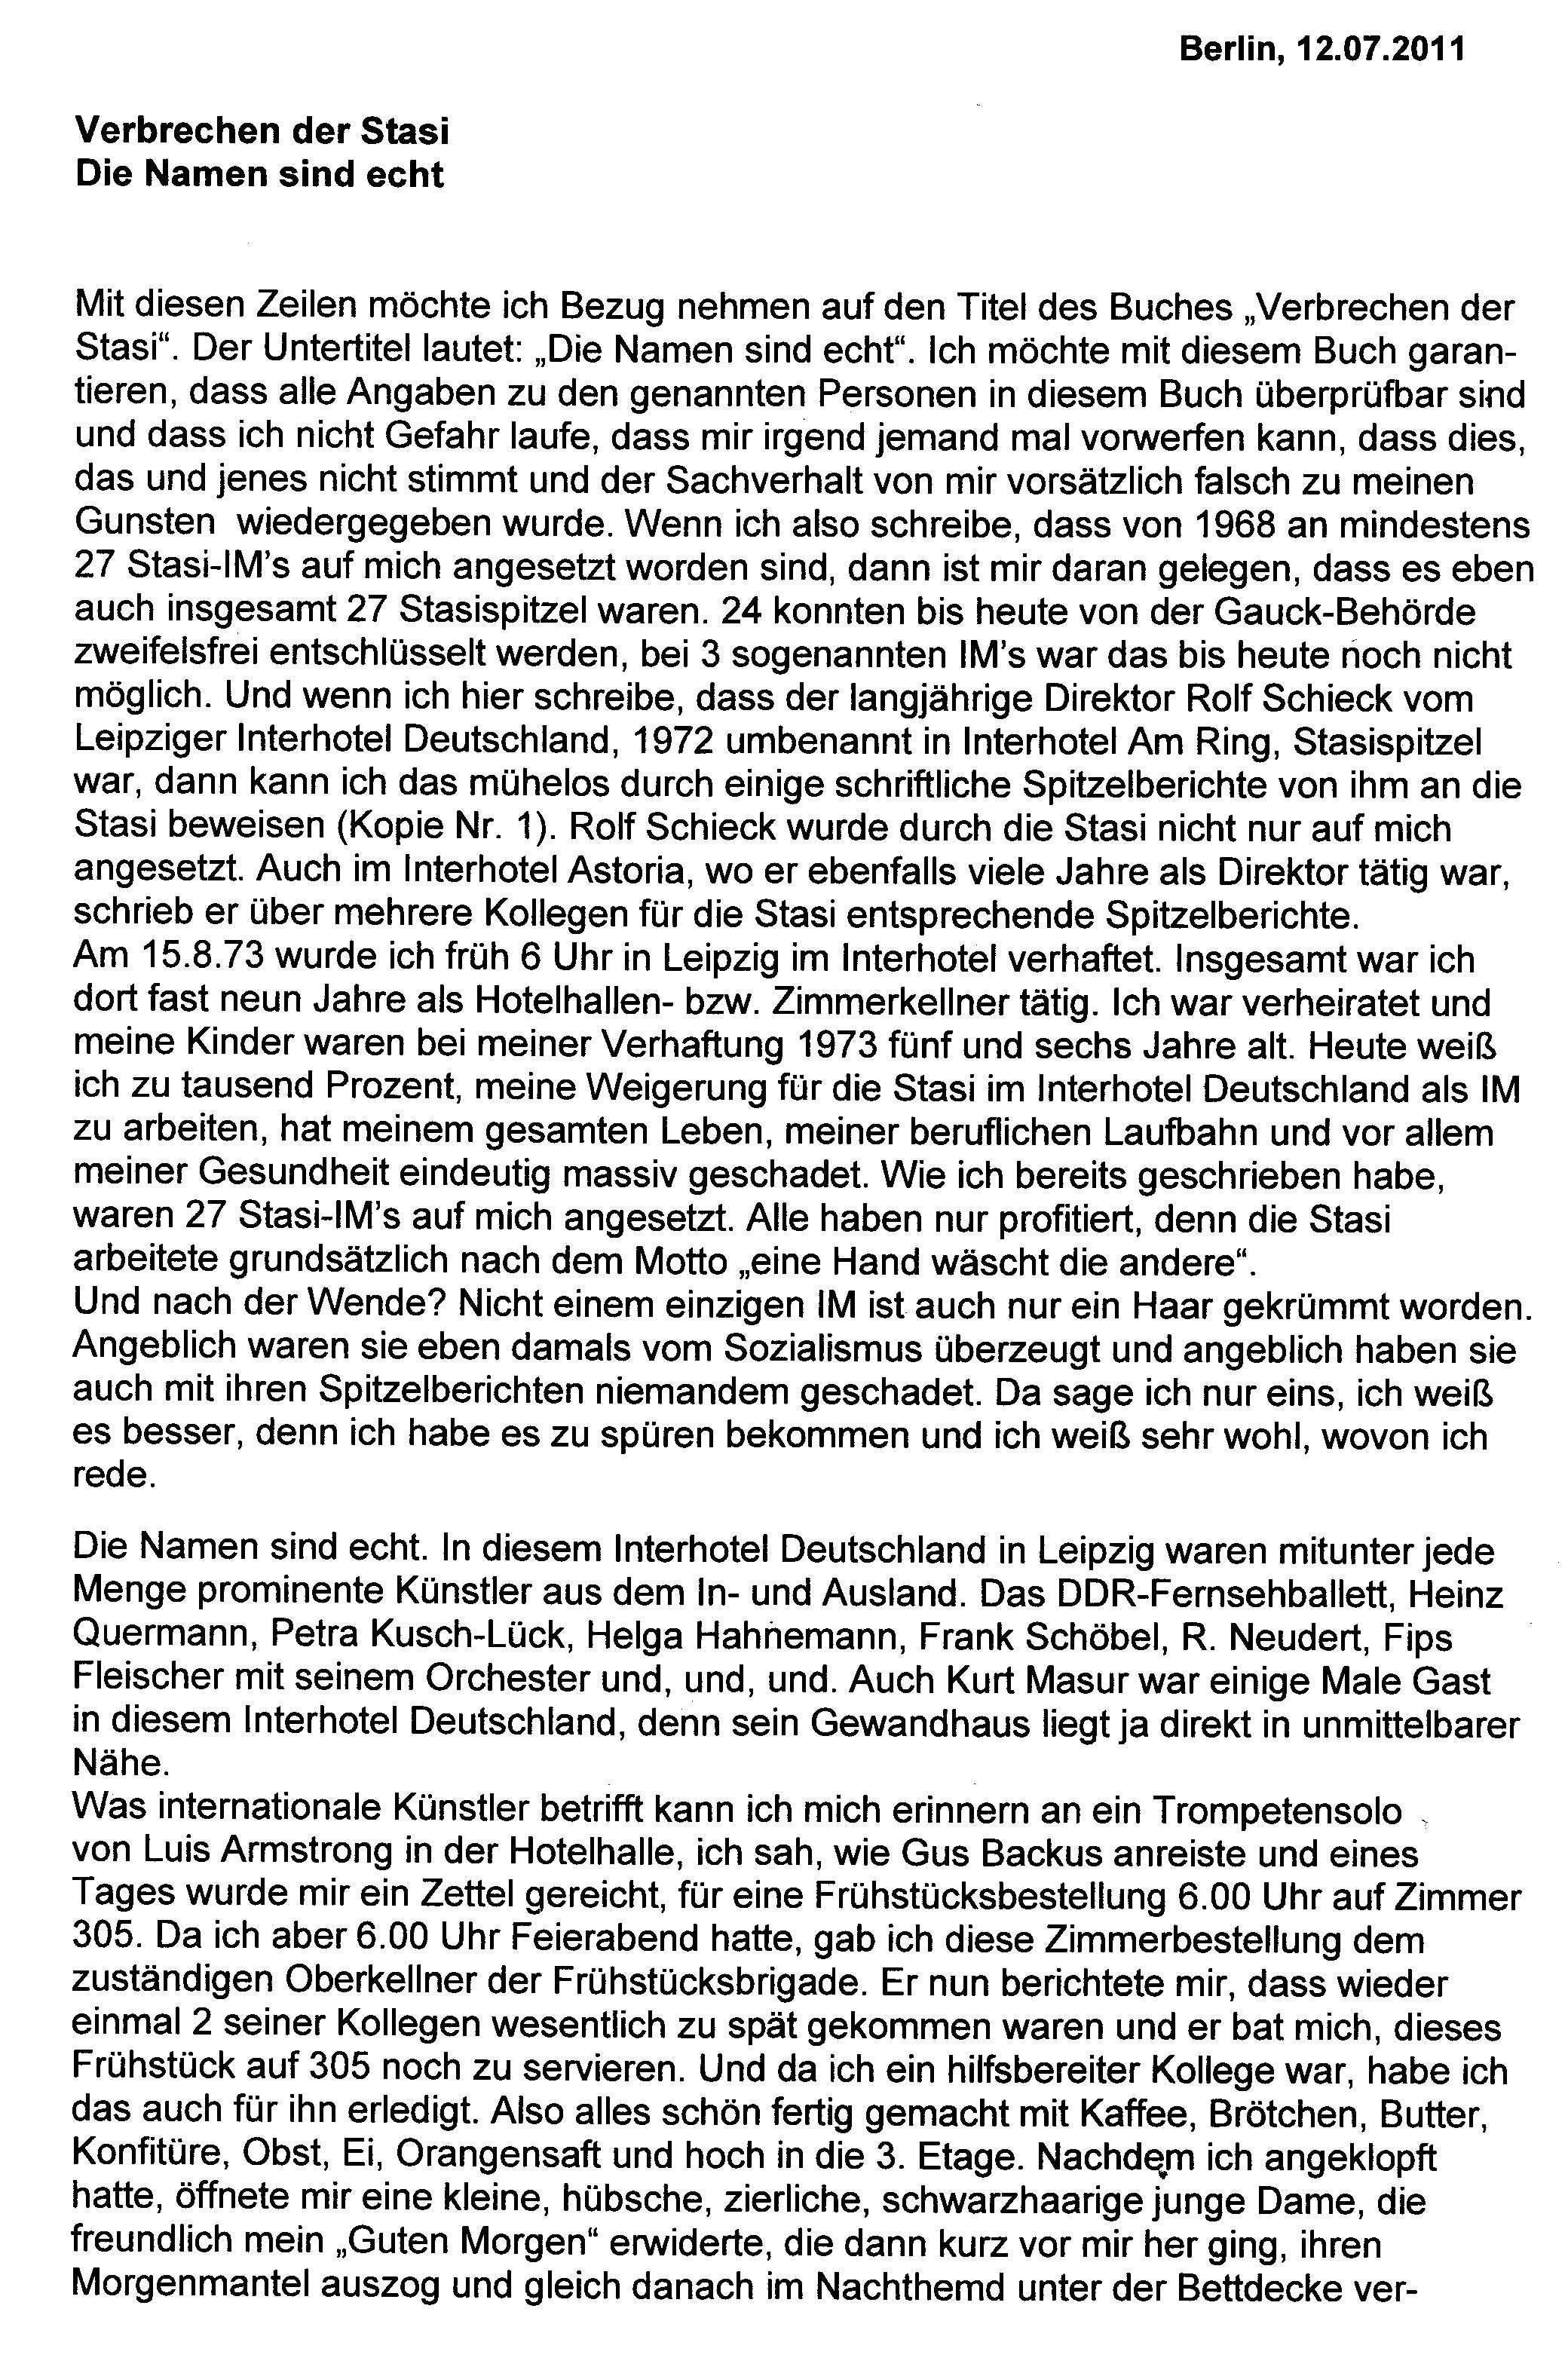 Einzigartig Ausformulierter Lebenslauf Briefprobe Briefformat